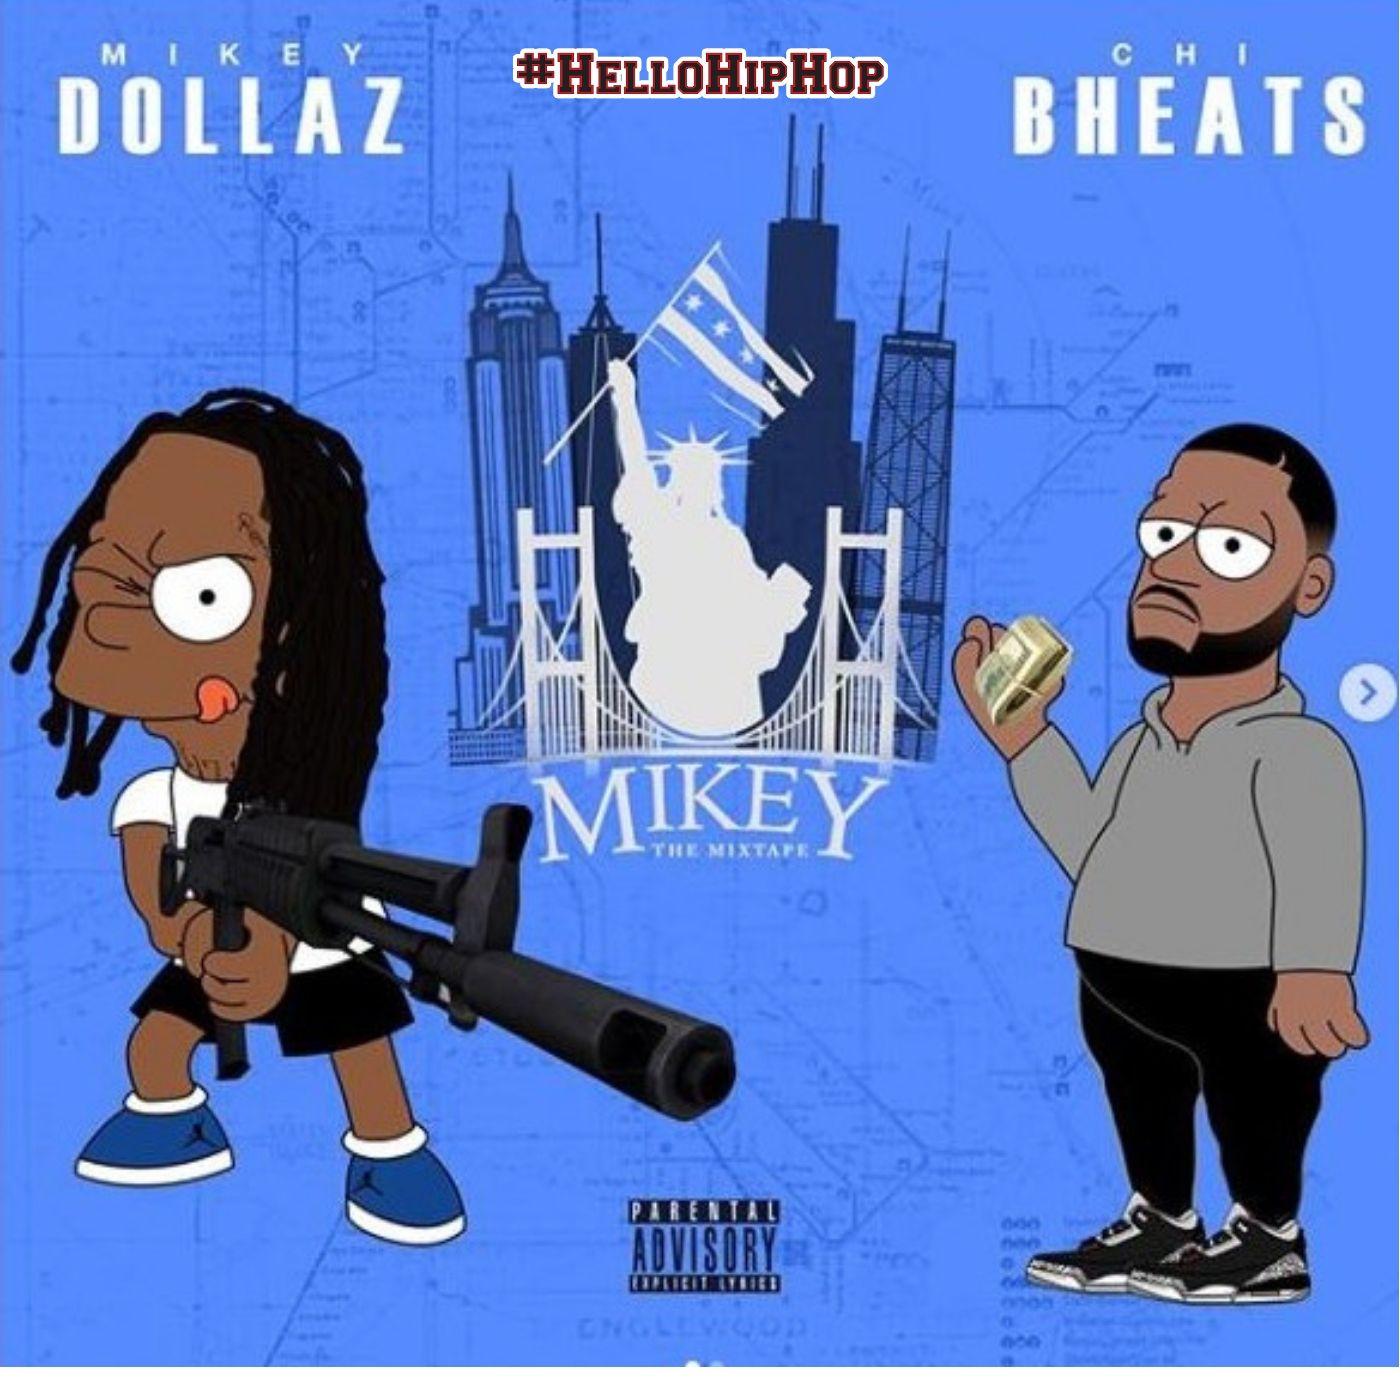 MIKEY DOLLAZ - MIKEY THE MIXTAPE